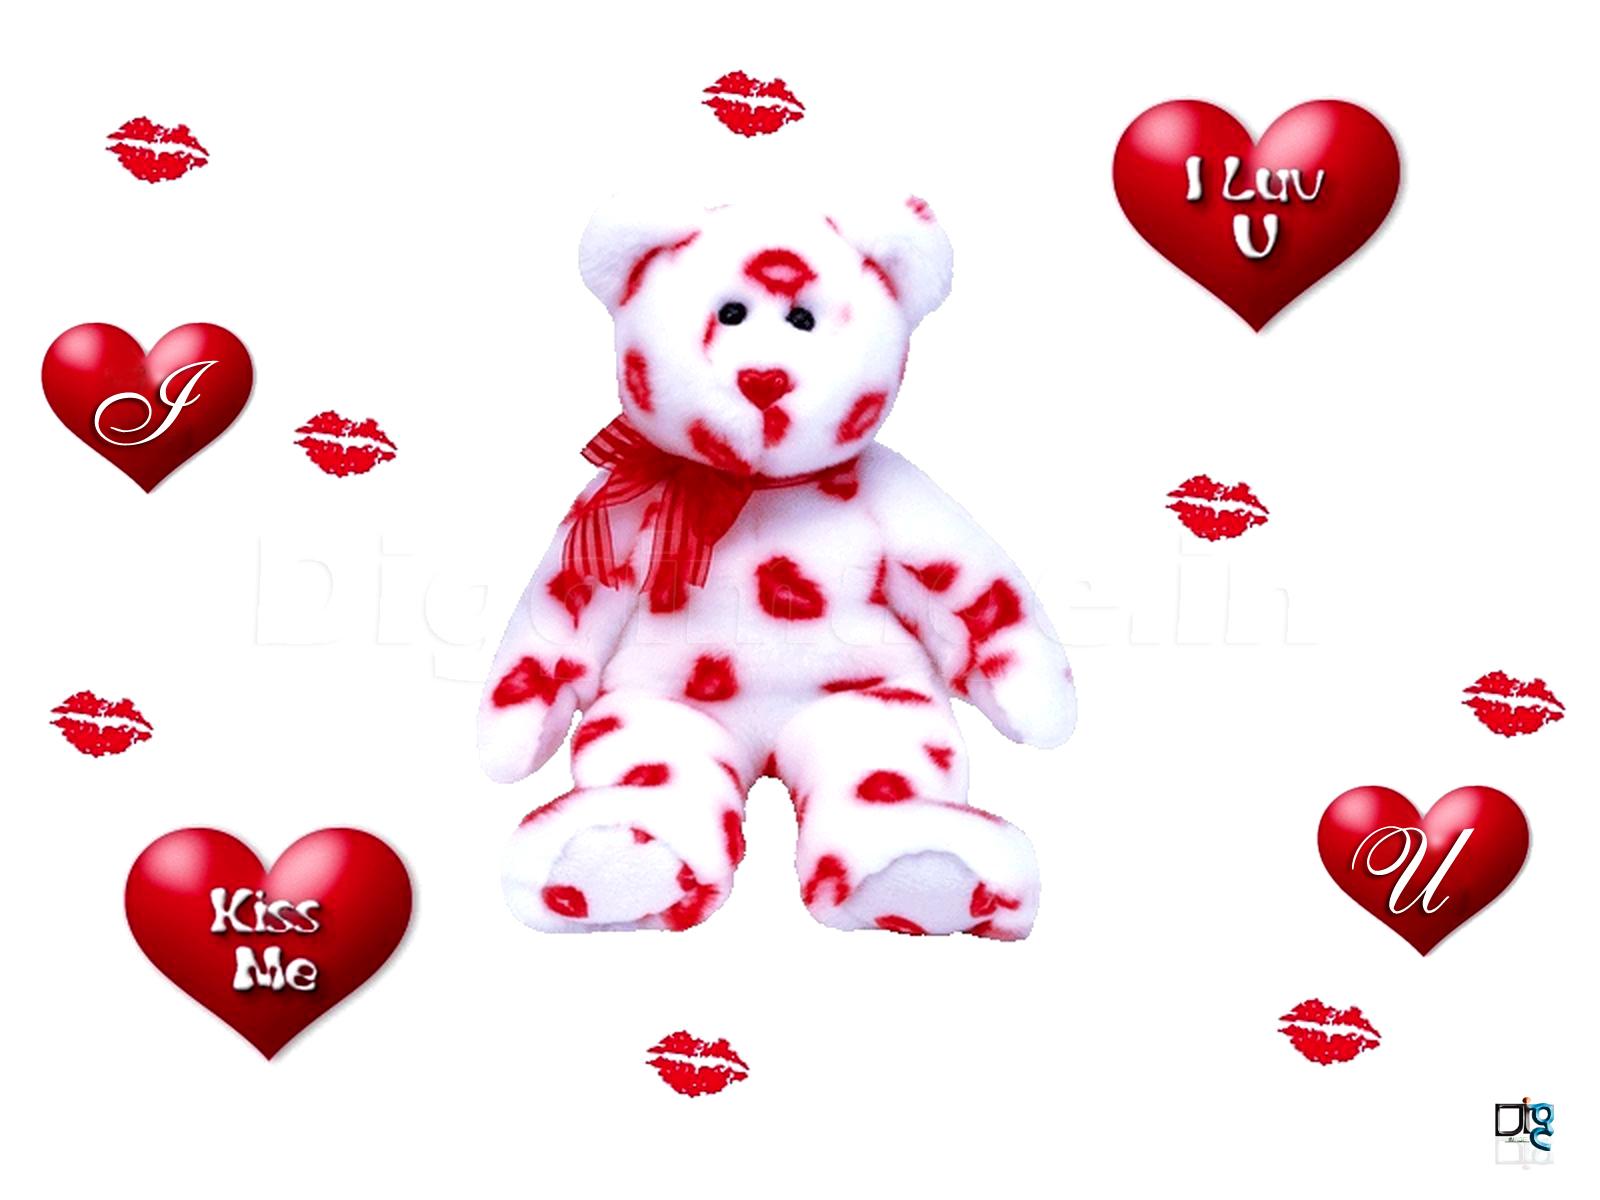 I Love You Wallpaper 34 Desktop Wallpaper Hdlovewall Com